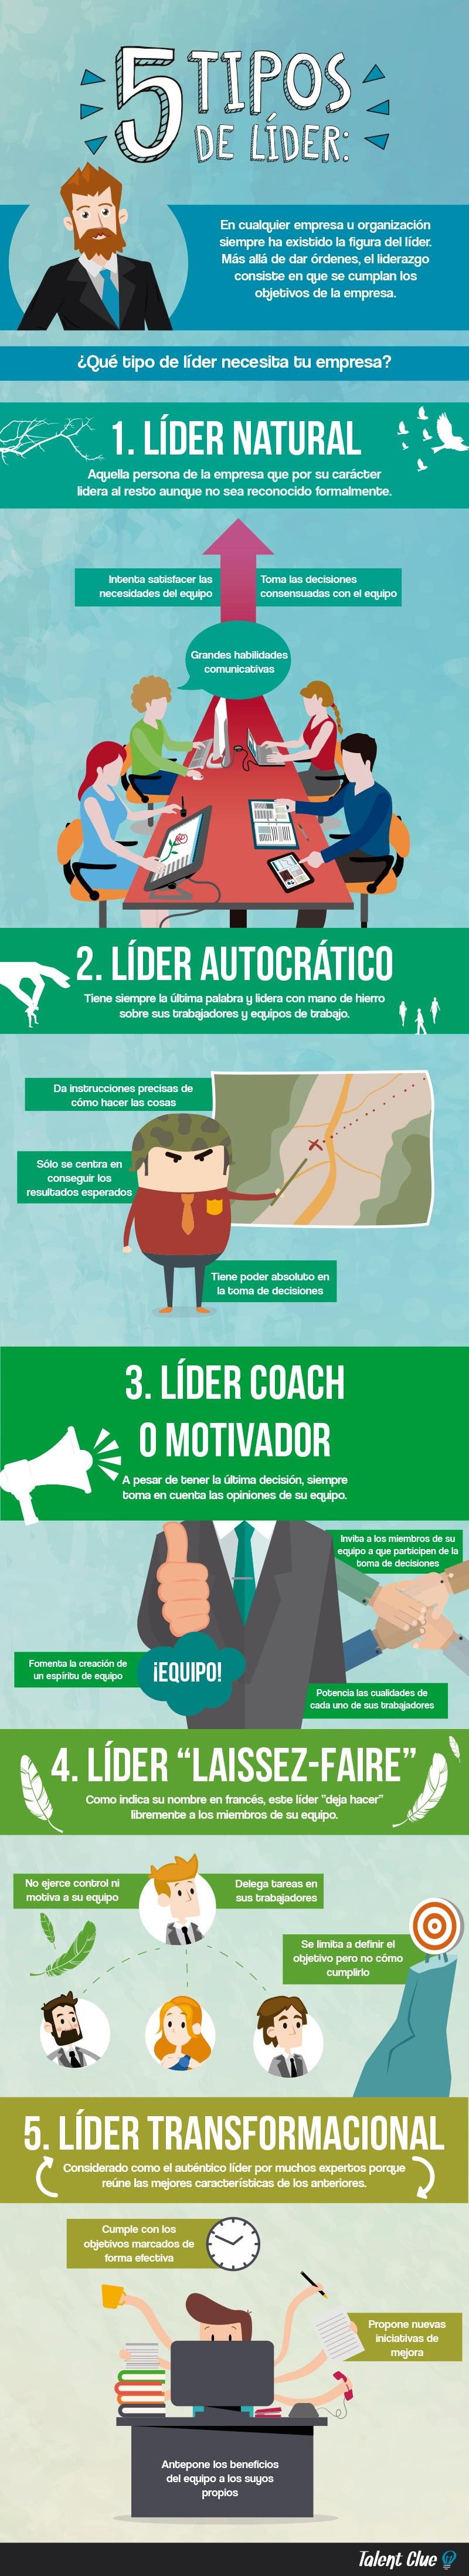 5 Tipos de Líder, ¿Cuál Necesita tu Empresa? [INFOGRAFÍA]